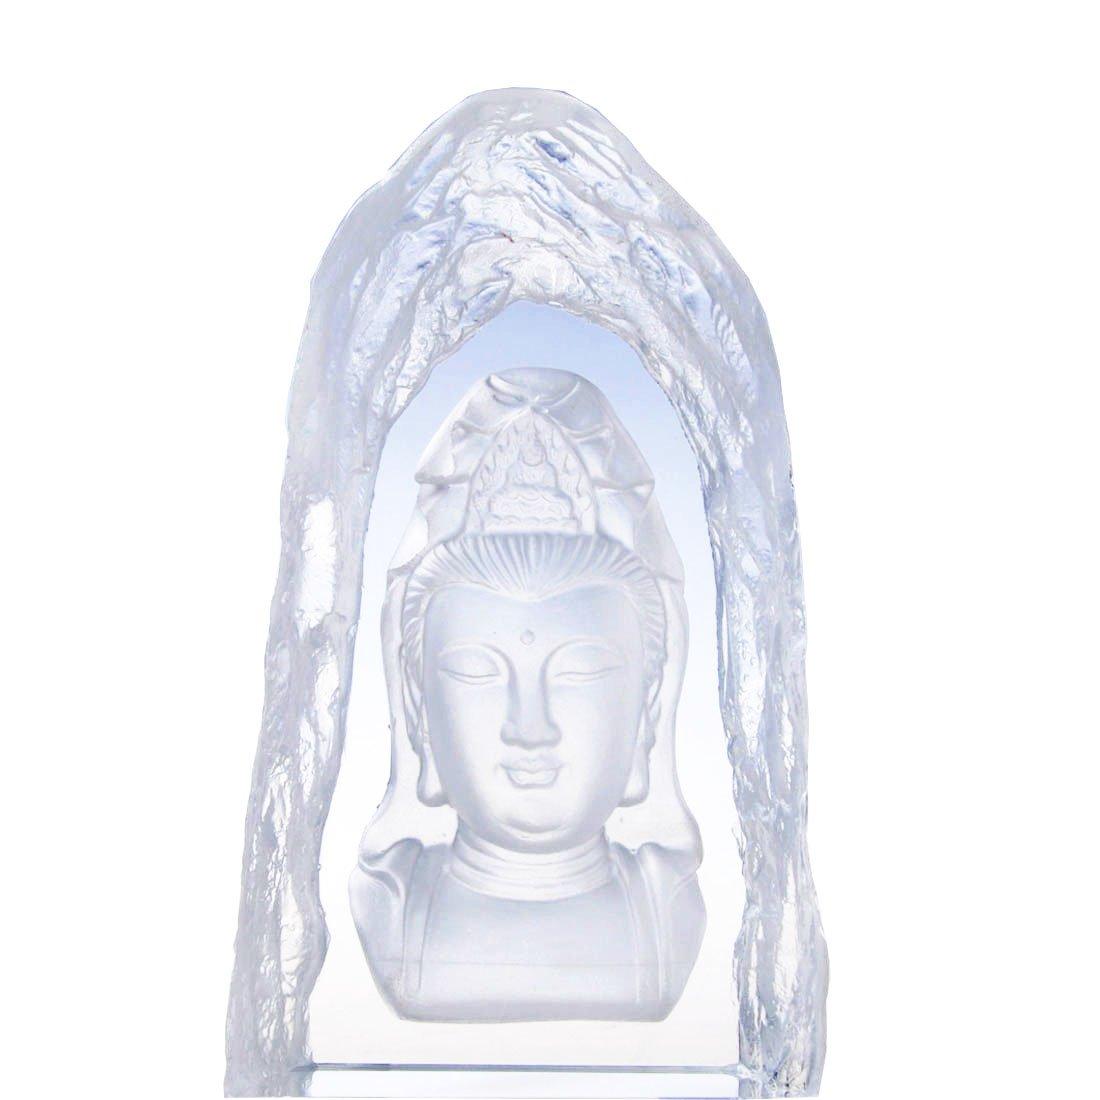 H&D Buddhist Goddess Kuan-yin (Guanyin) Decorative Figurine 7.84.6 inch